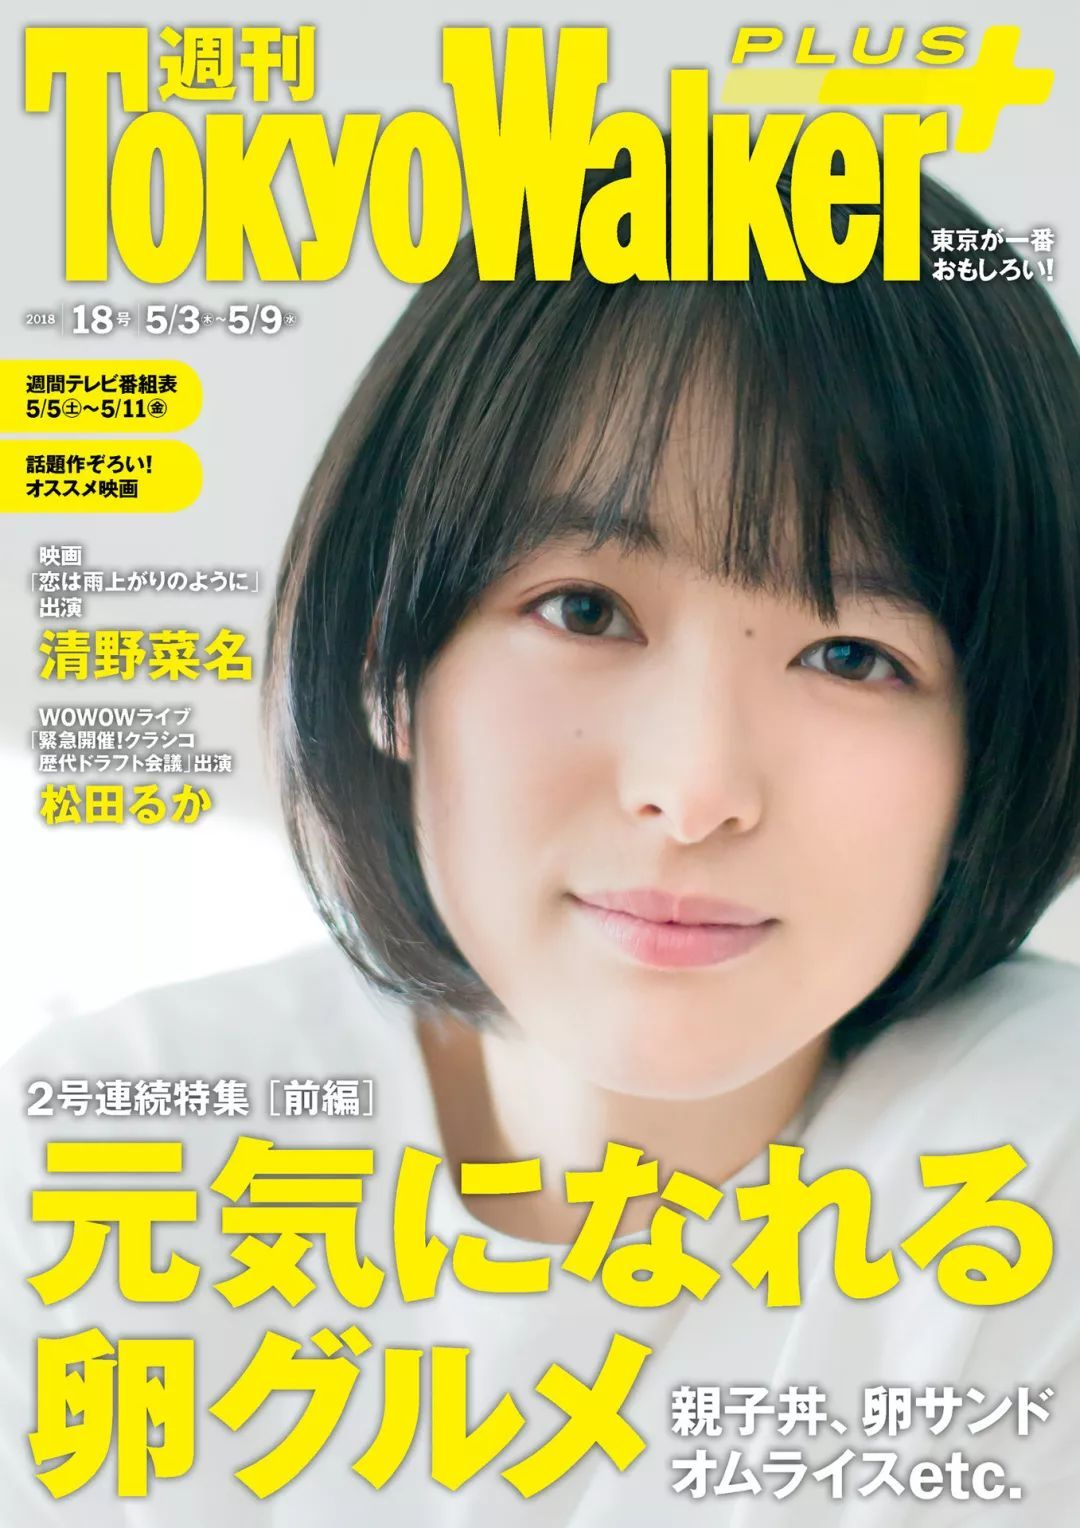 清野菜名「Tokyo Walker+」-有意思吧